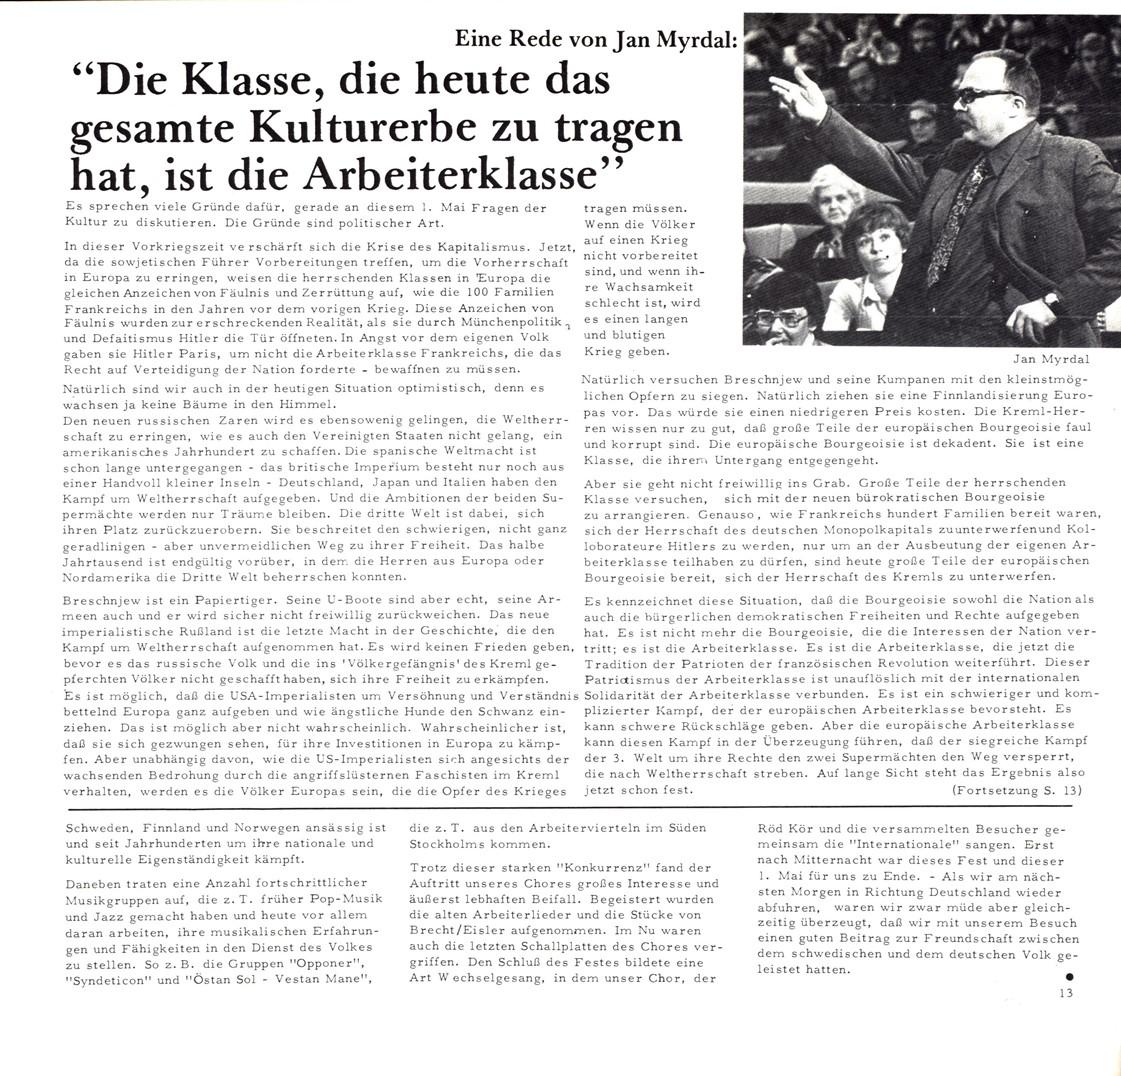 VSK_Kaempfende_Kunst_19770700_13